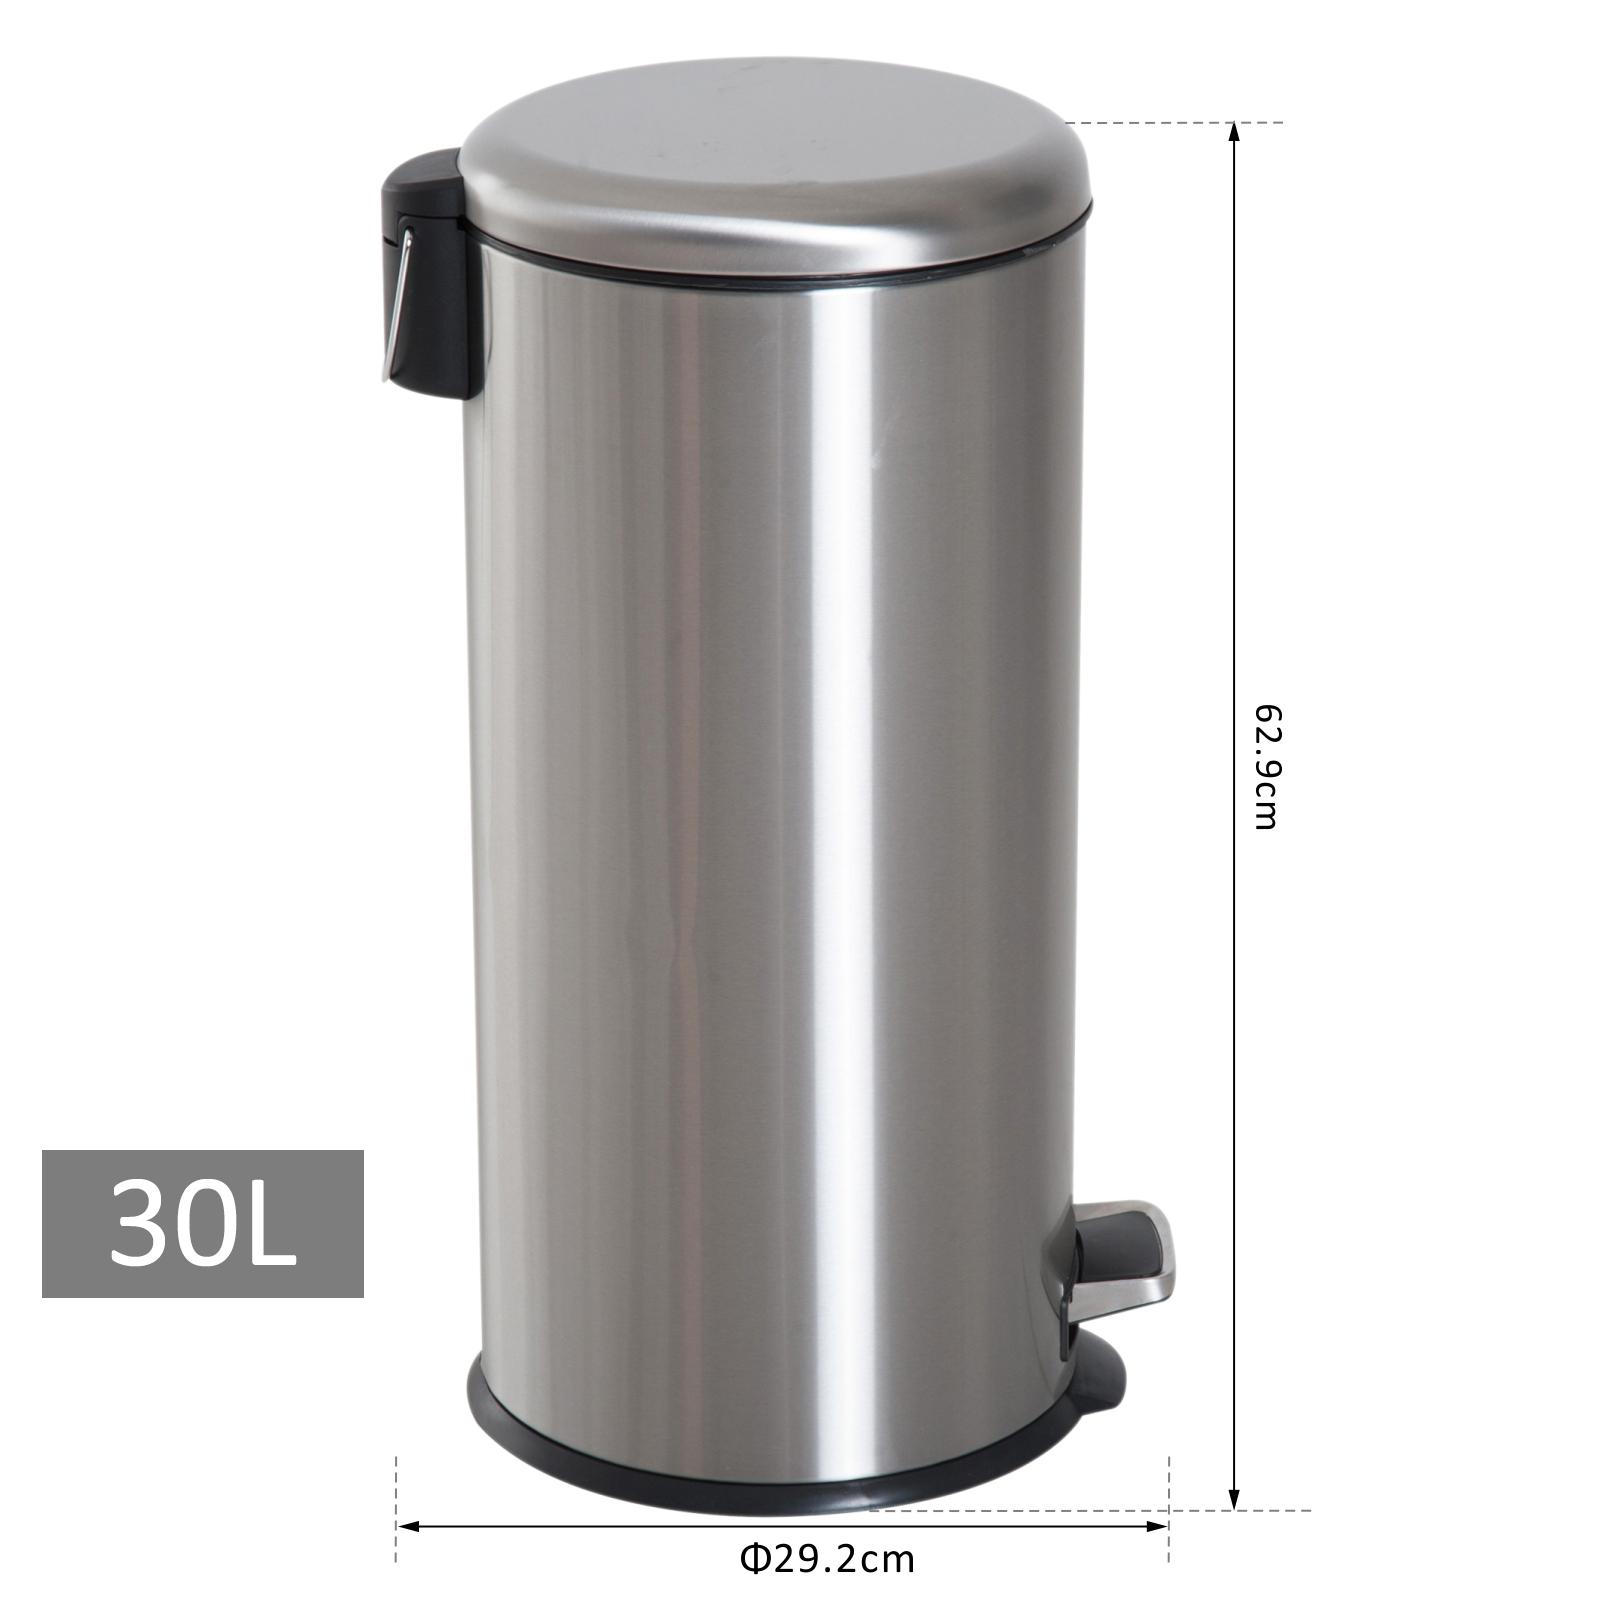 Pied Poubelle à Pédale métalliques en acier inoxydable déchets ordures Couvercle Cuisine Poubelle 30 L